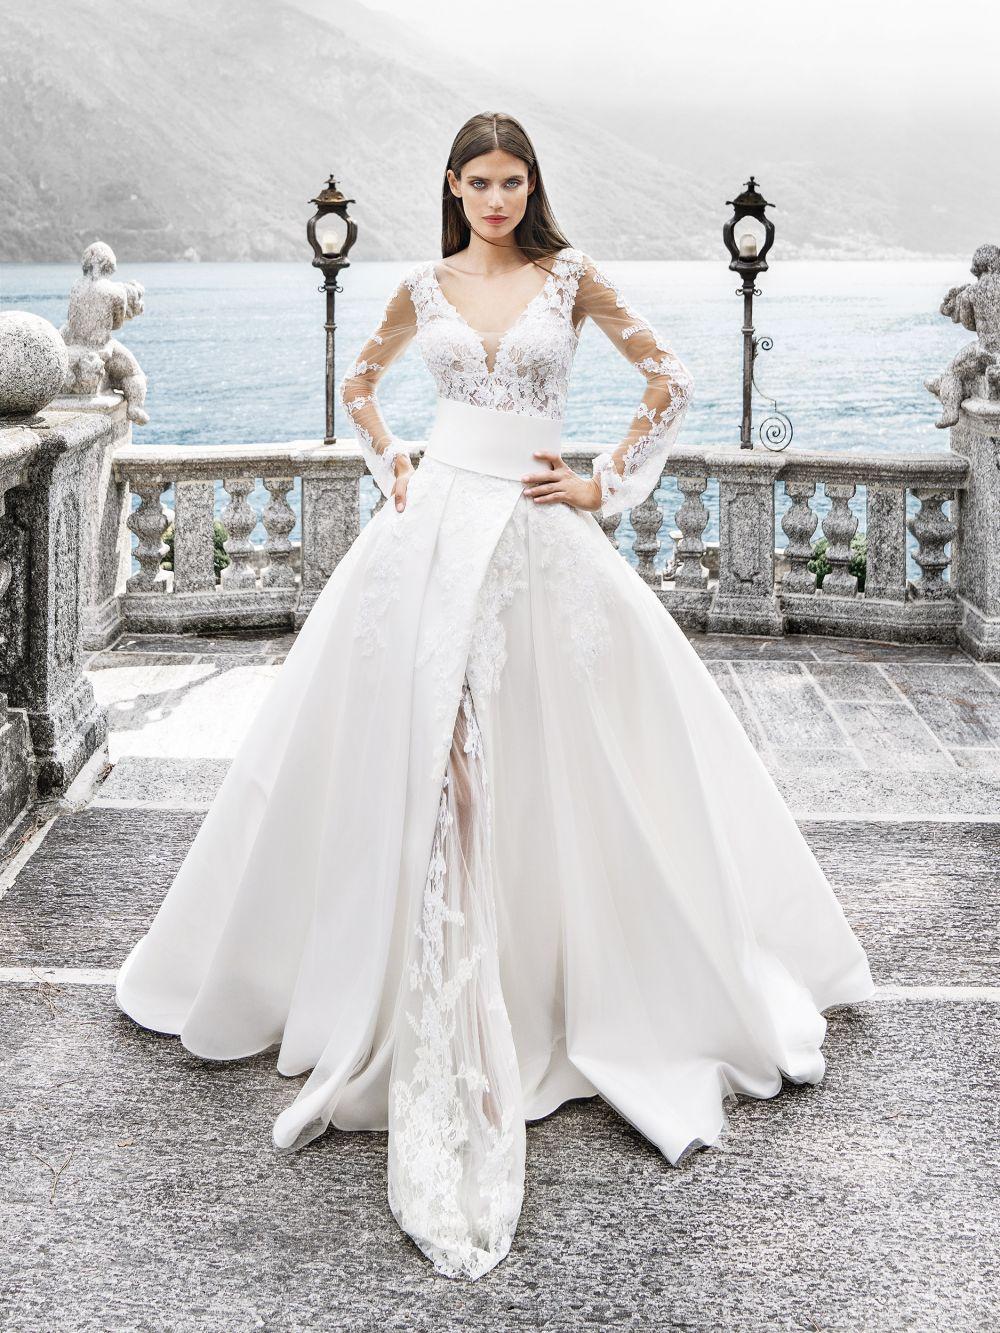 Съемка свадебных платьев работа для девушек выездам в москве